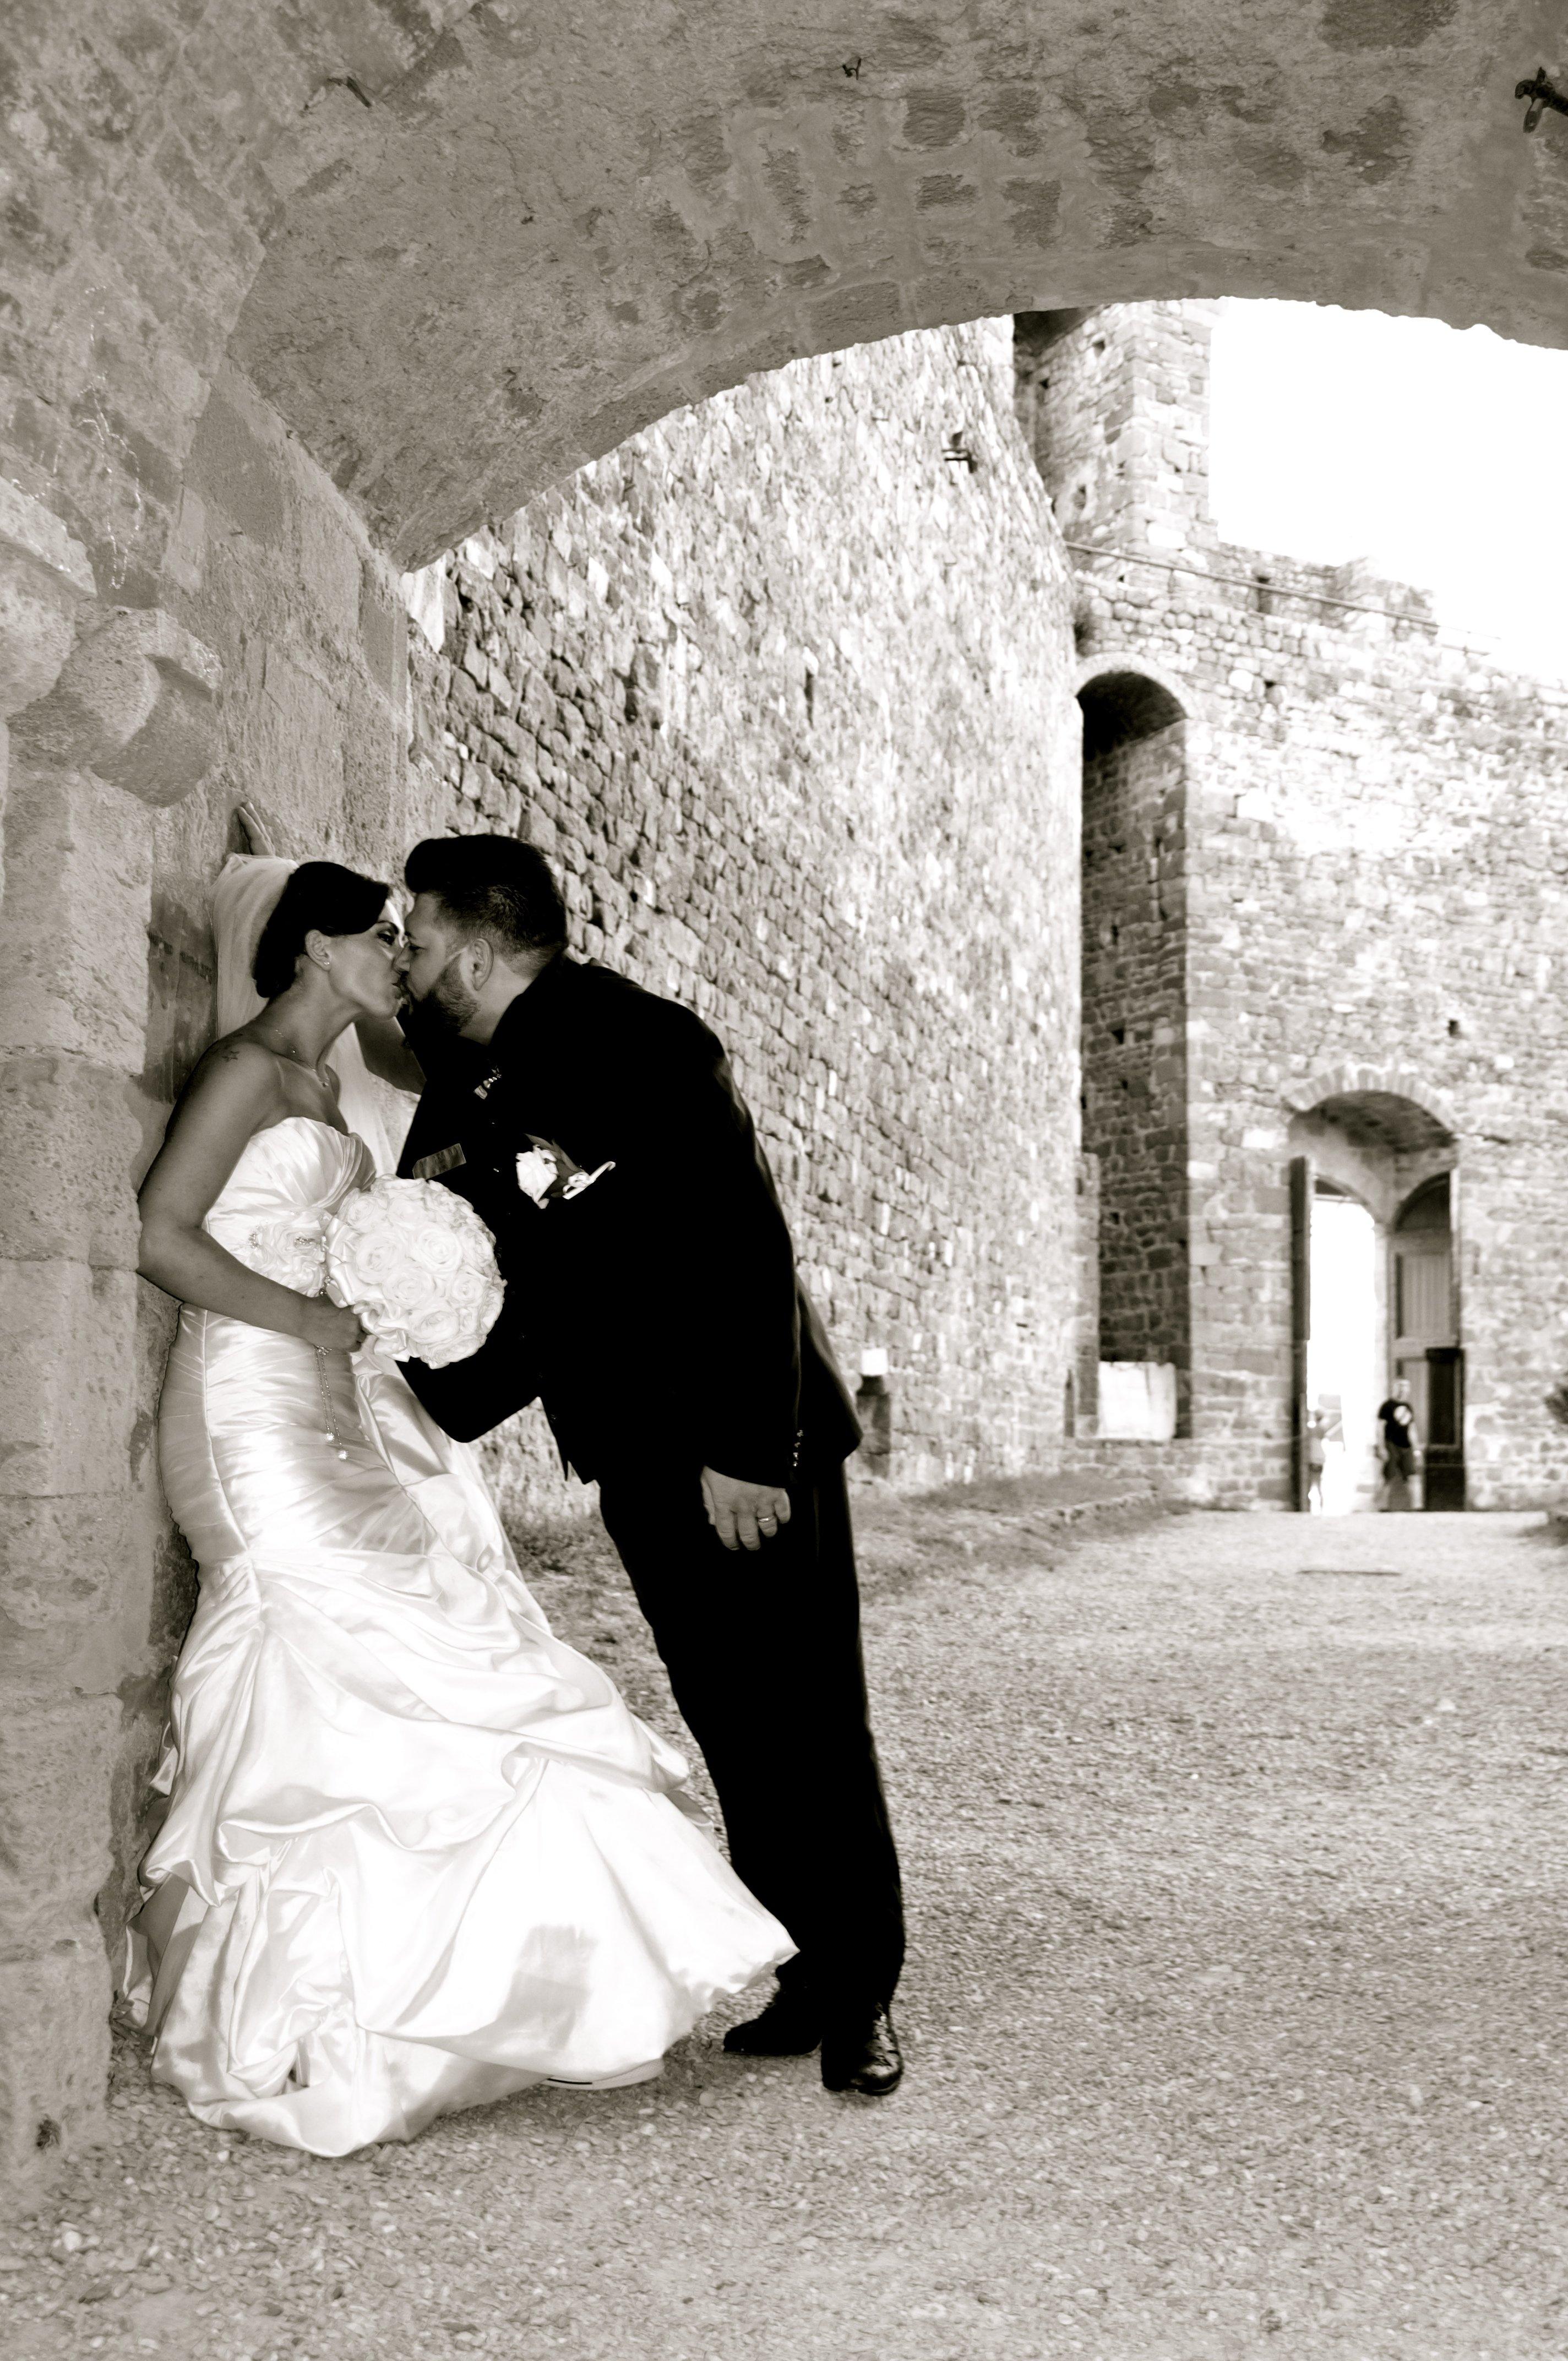 sposo che bacia la sposa poggiata a un muro in strada